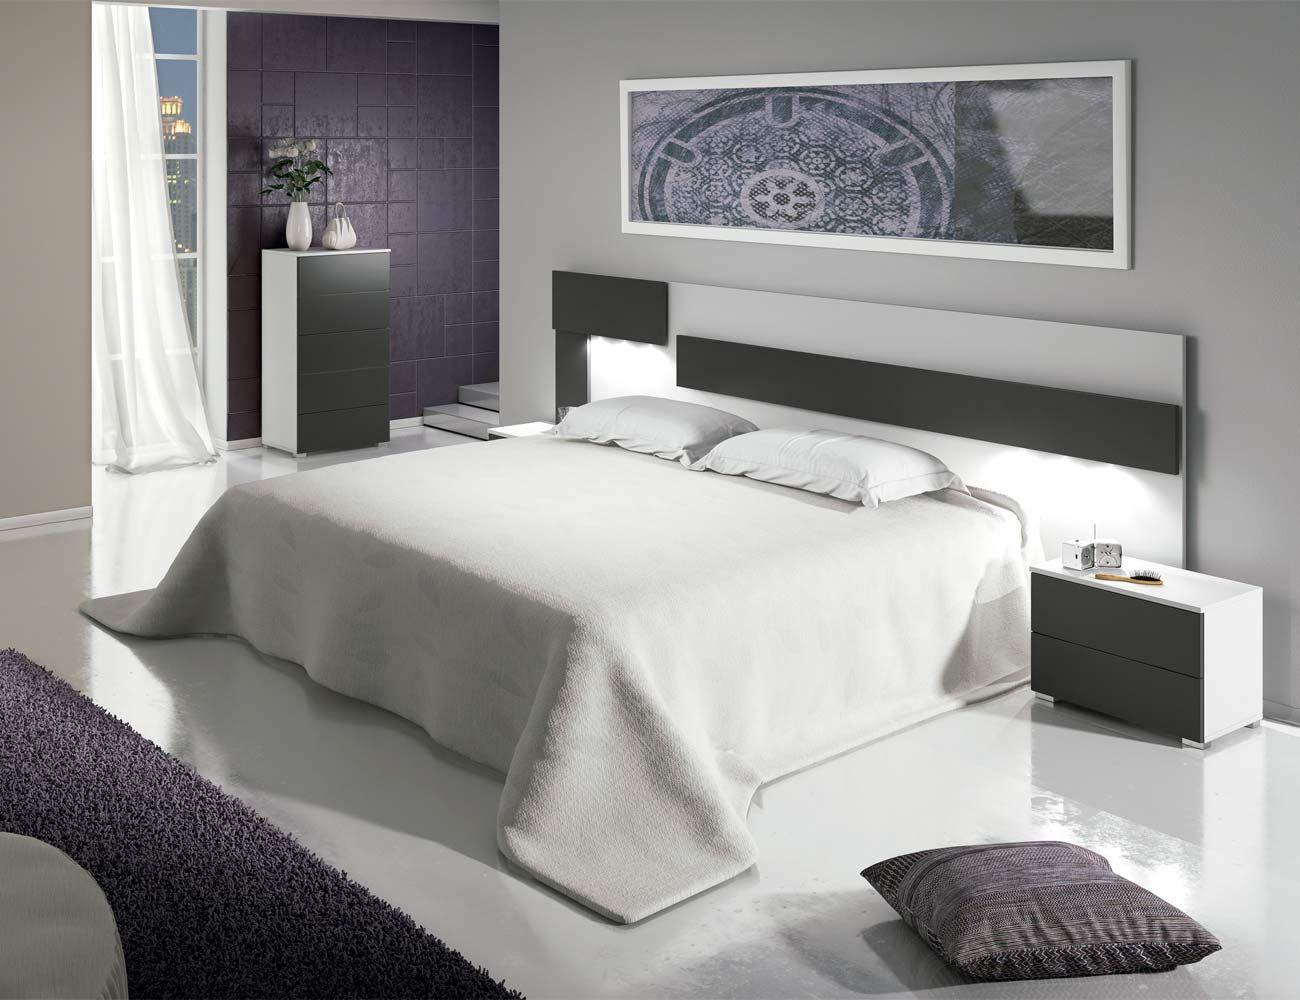 Dormitorio matrimonio moderno cabecero leds sinfonier for Dormitorios modernos